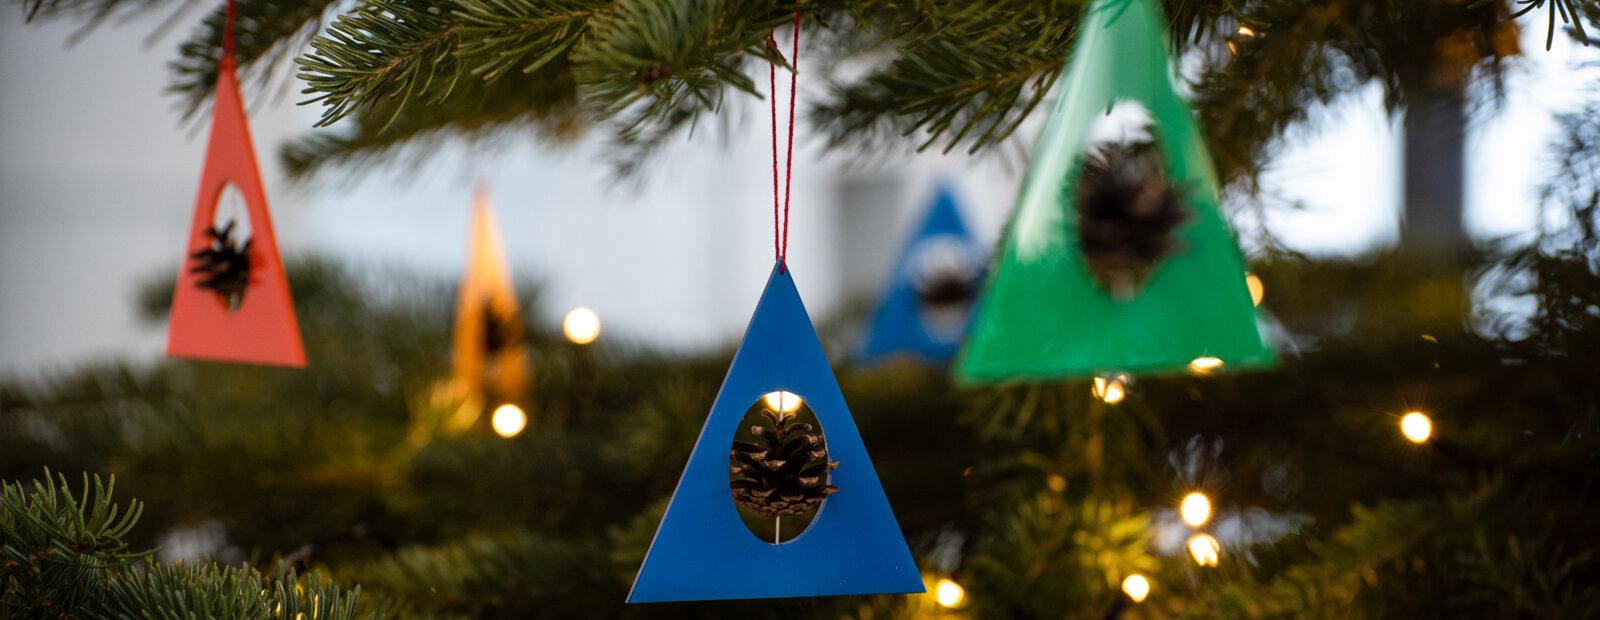 Juletrepynt av farget pleksiglass med furukongler.